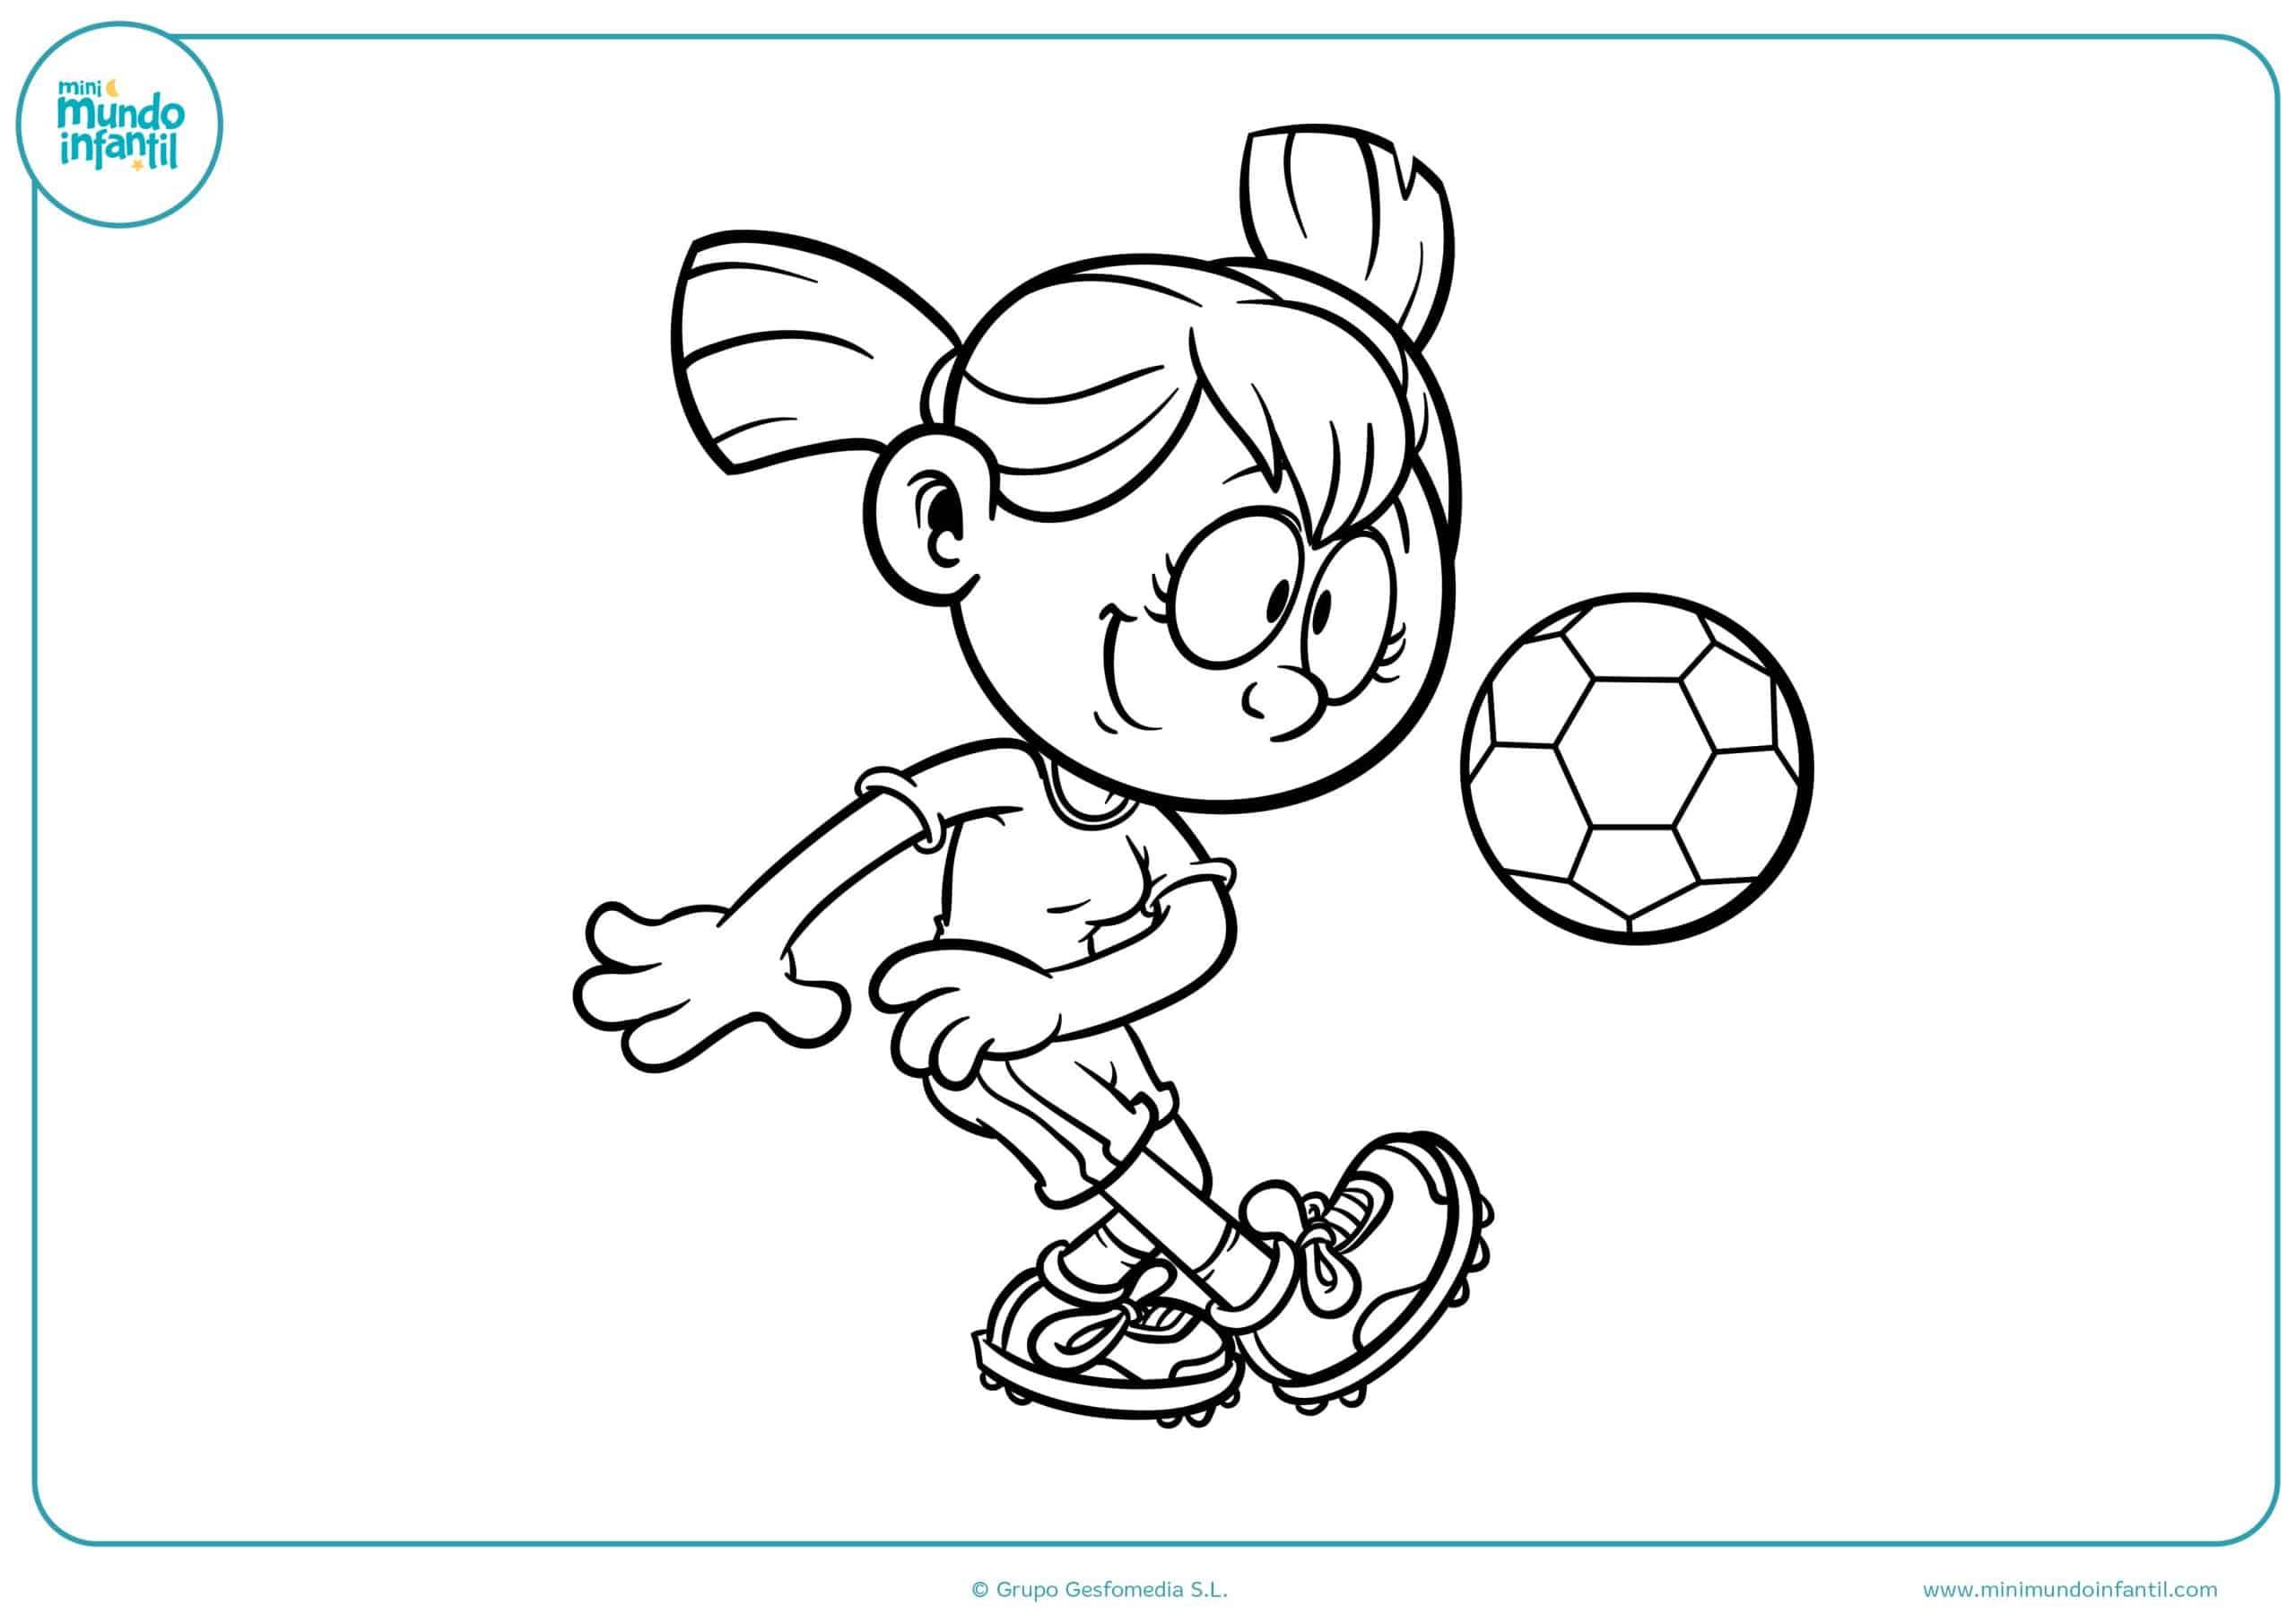 Dibujo De Jugando A Fútbol Para Colorear: Los Mejores Dibujos De Fútbol Para Colorear E Imprimir